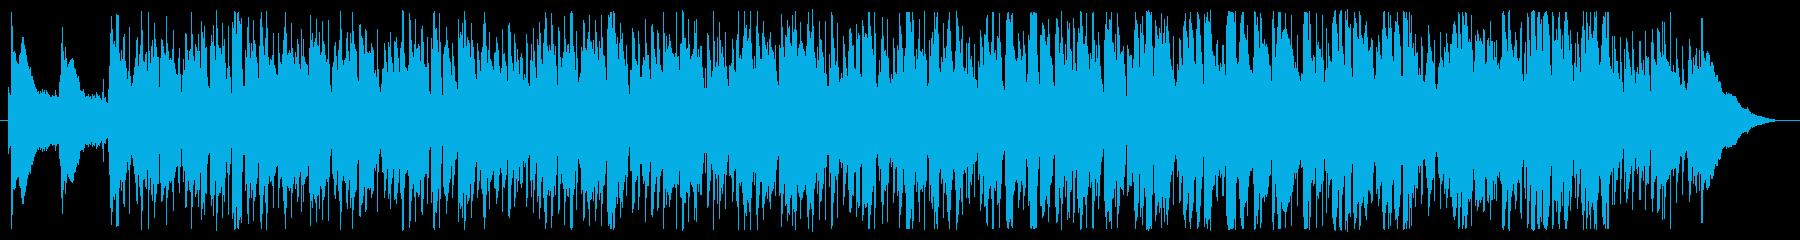 ポジティブでカントリー風なソフトロックの再生済みの波形